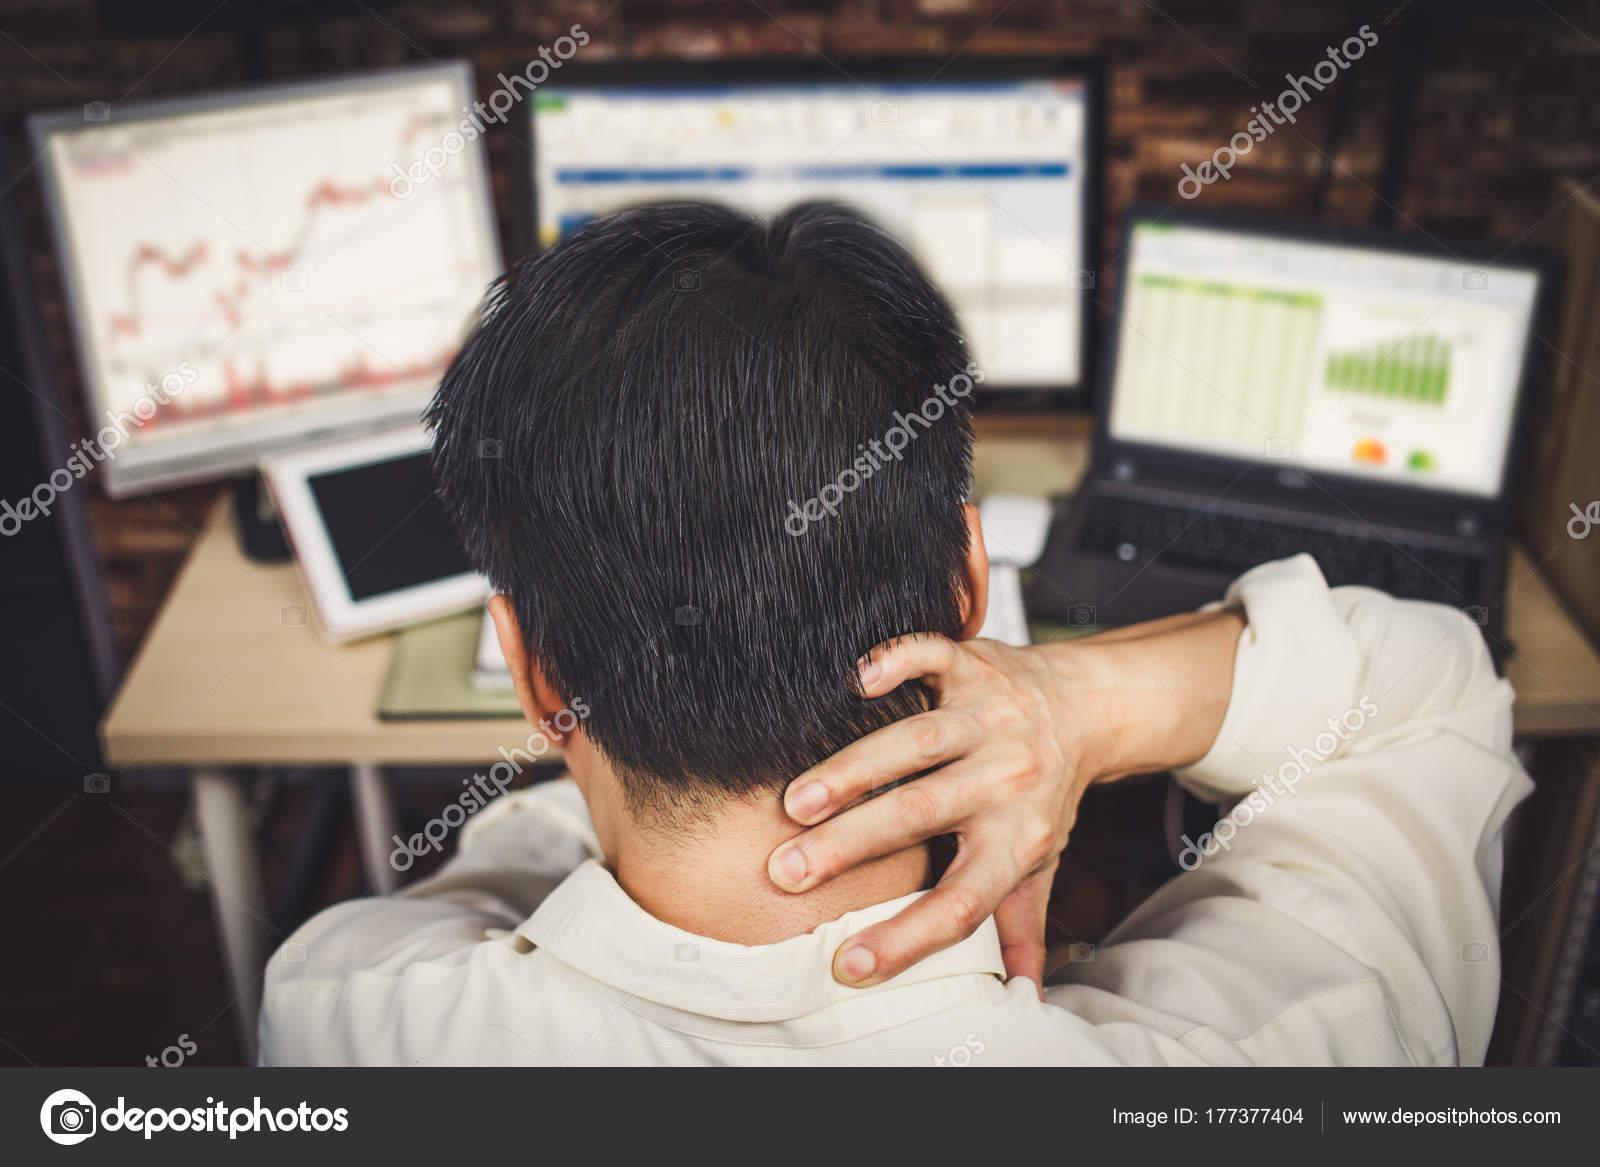 Ufficio Retro Hair : Retro del giovane business persone soffrono mal testa uomini